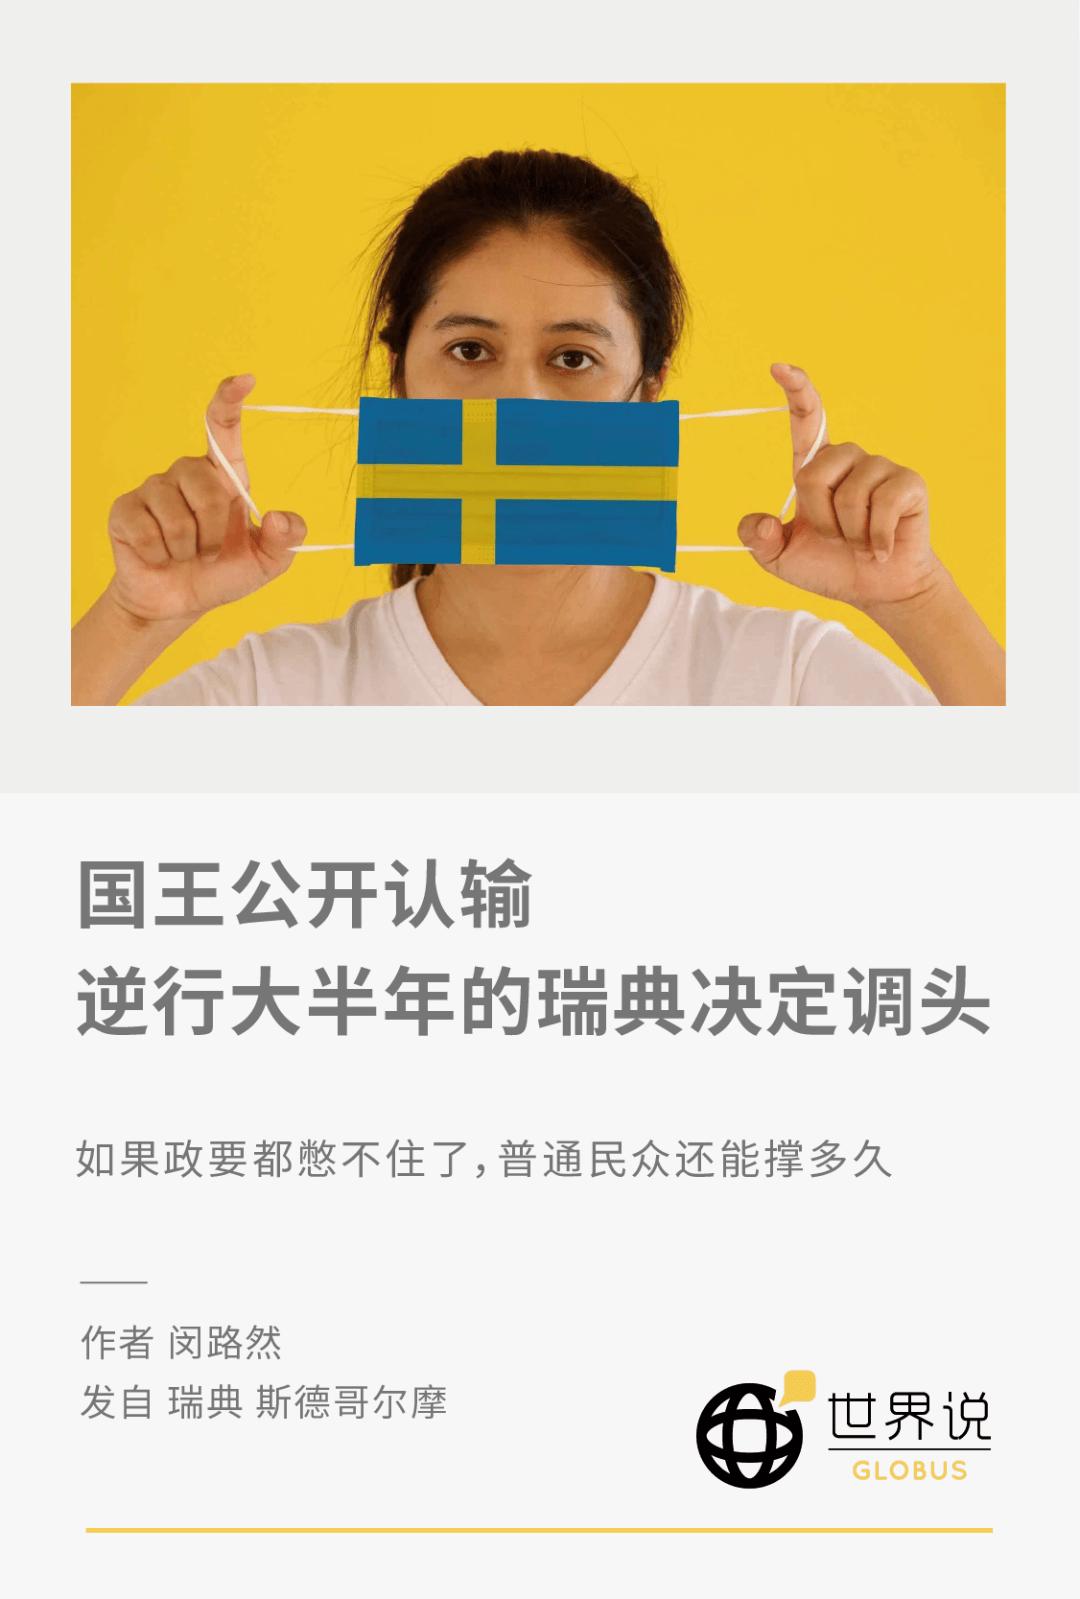 国王公开承认失败,倒退了半年的瑞典决定扭转局面